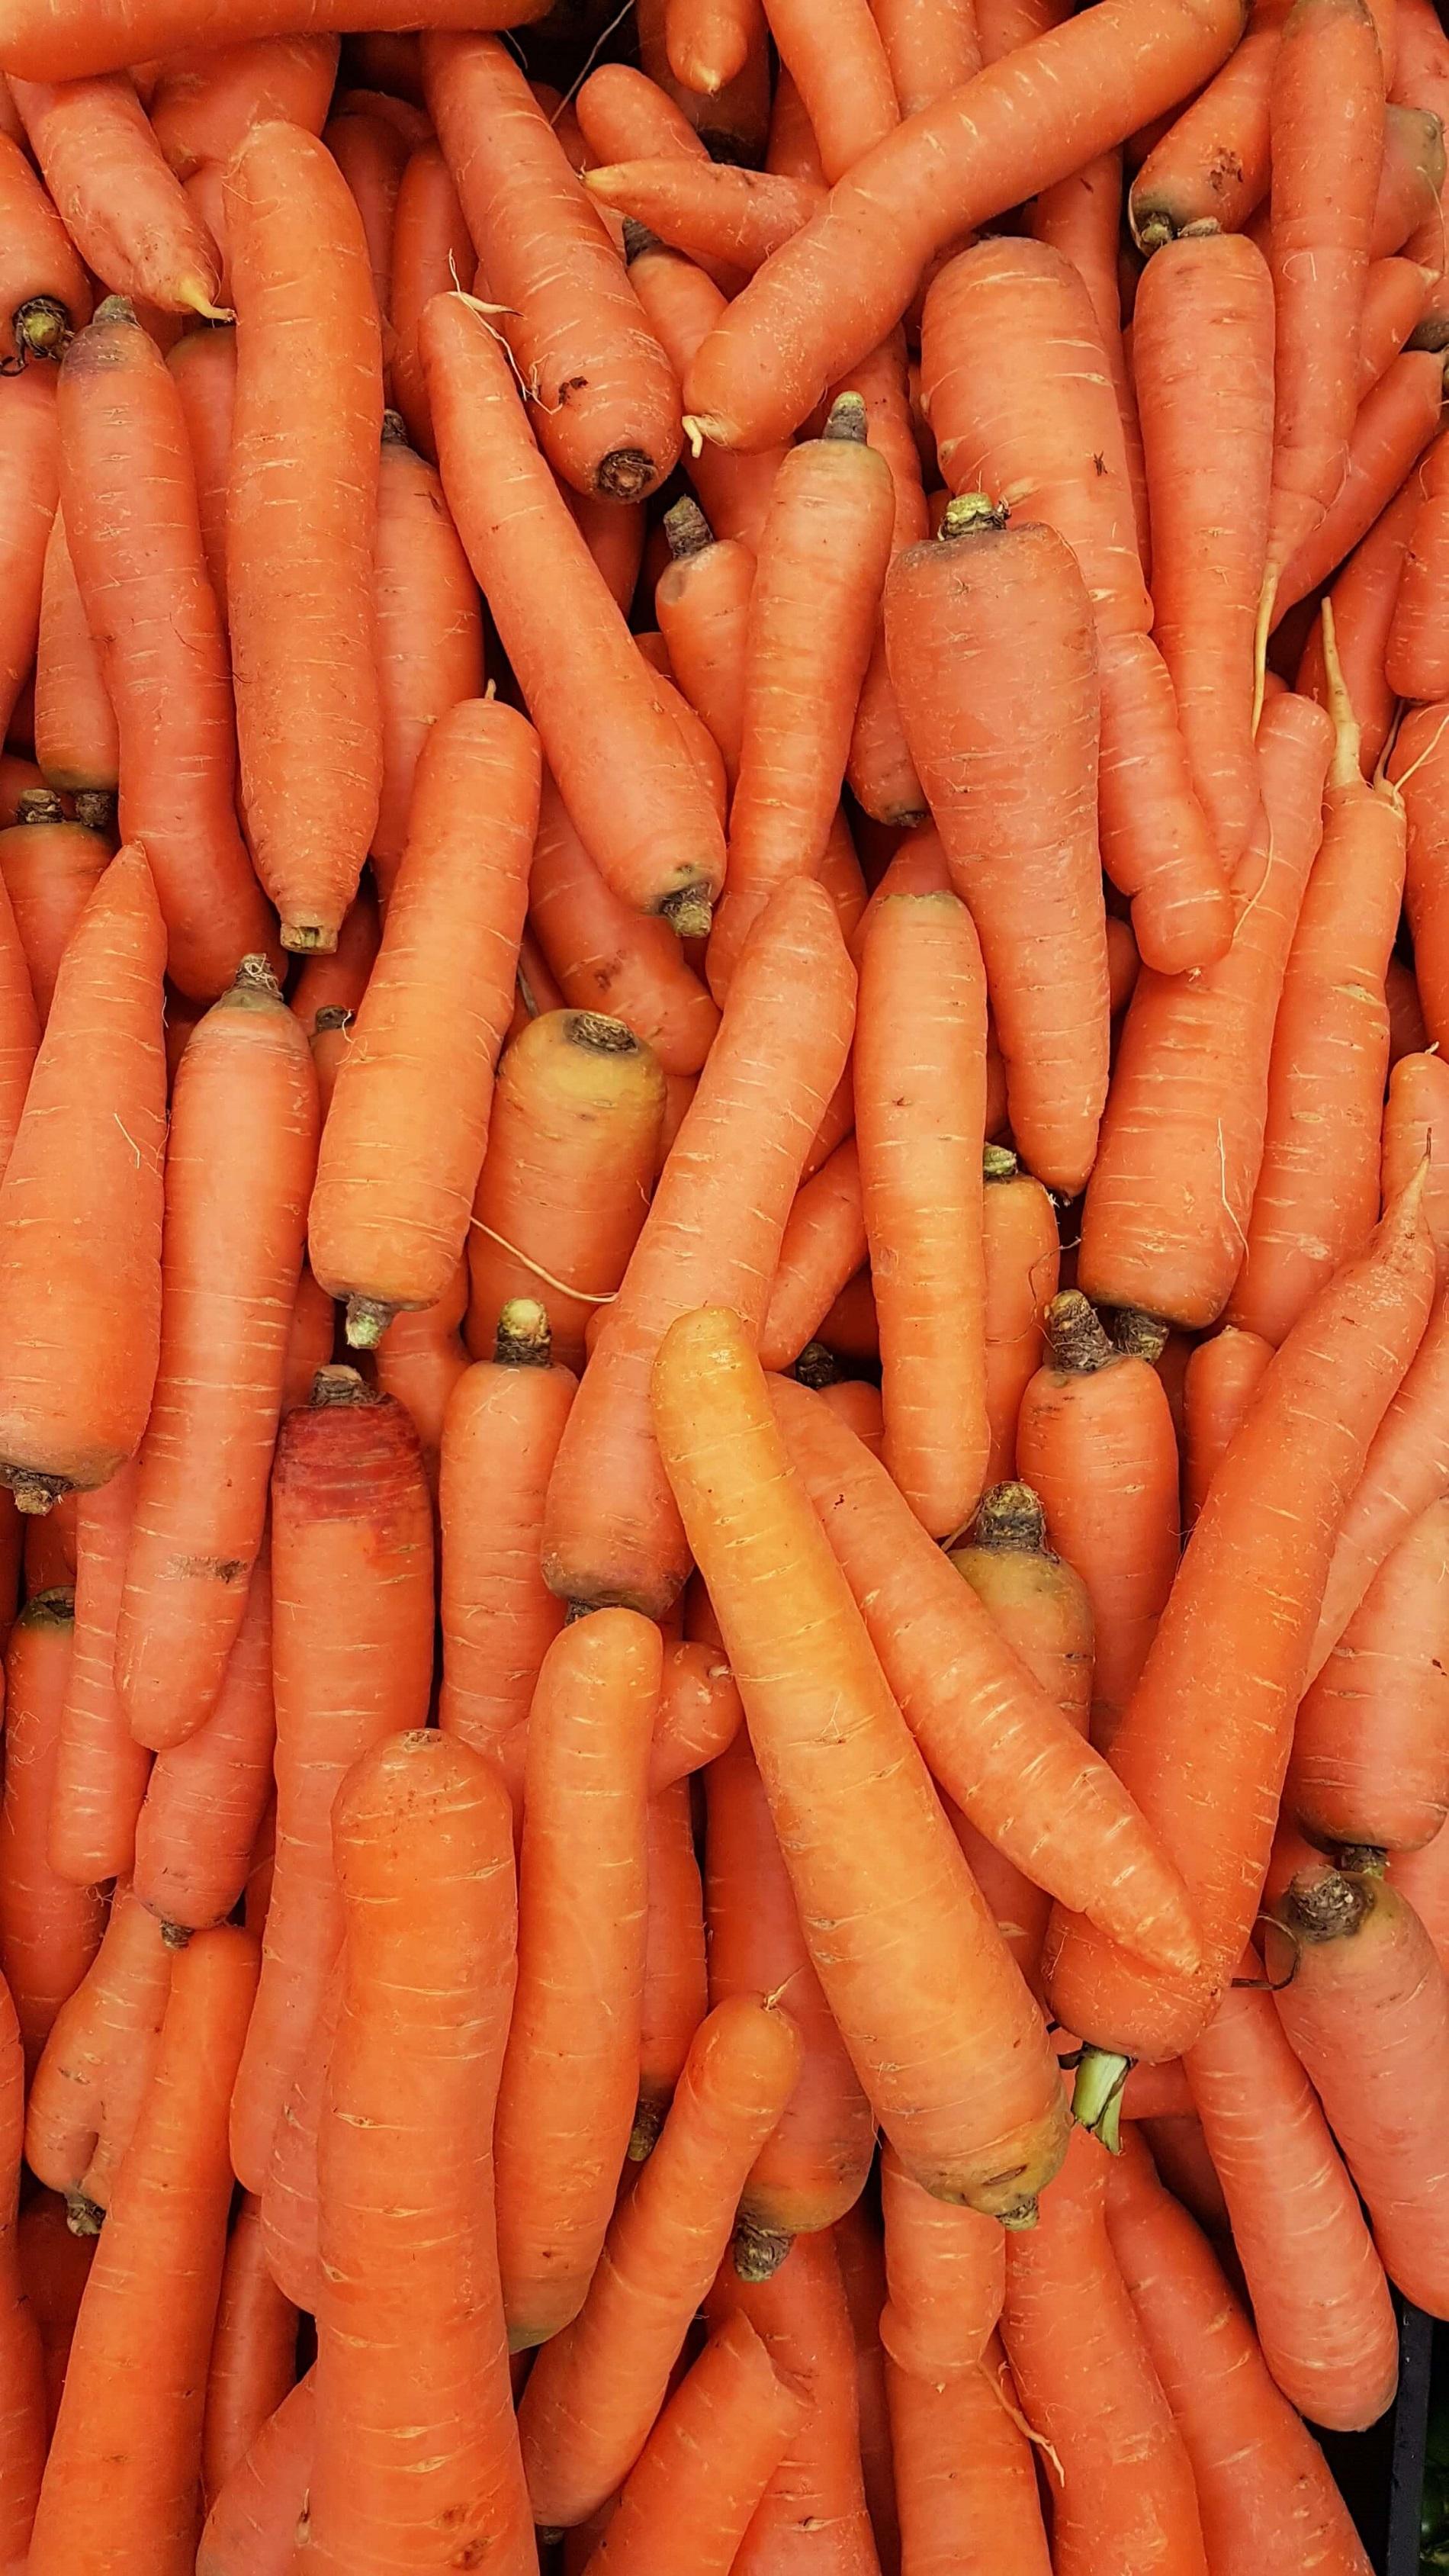 Осенне-зимний сезон: какие продукты питания не стоит игнорировать-Фото 2